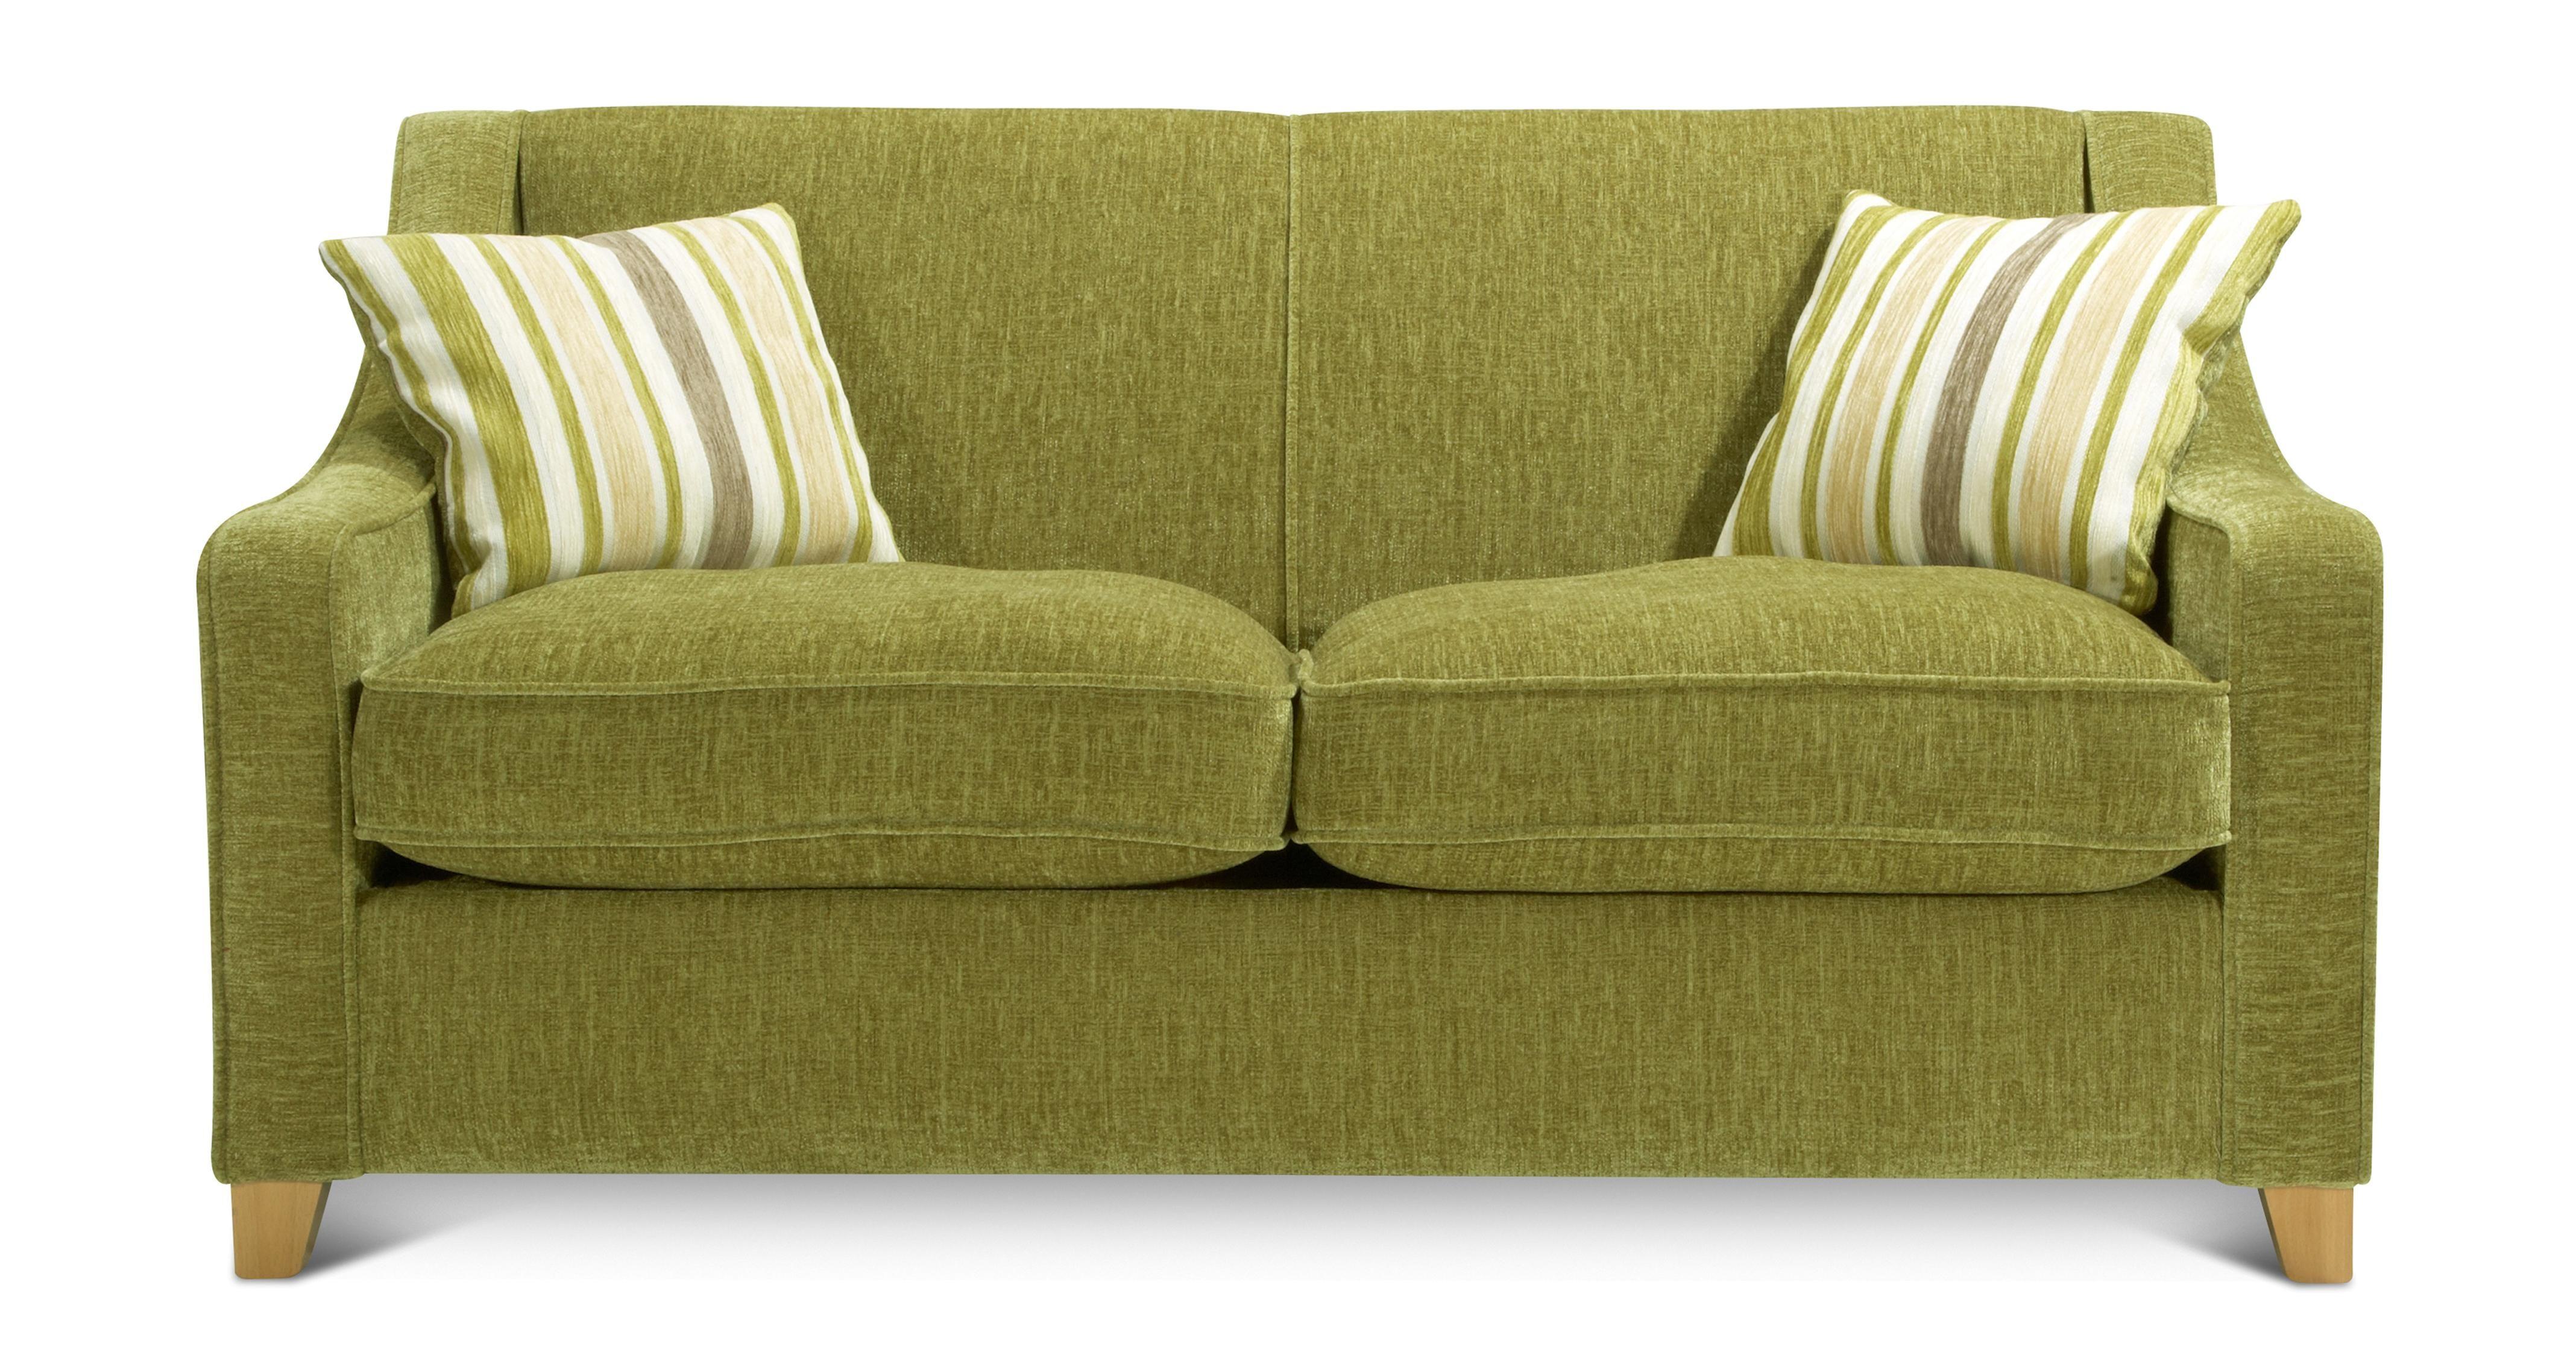 Einzelne Ledersessel 1 Sitzer Couch Einzelnes Kissen Couch